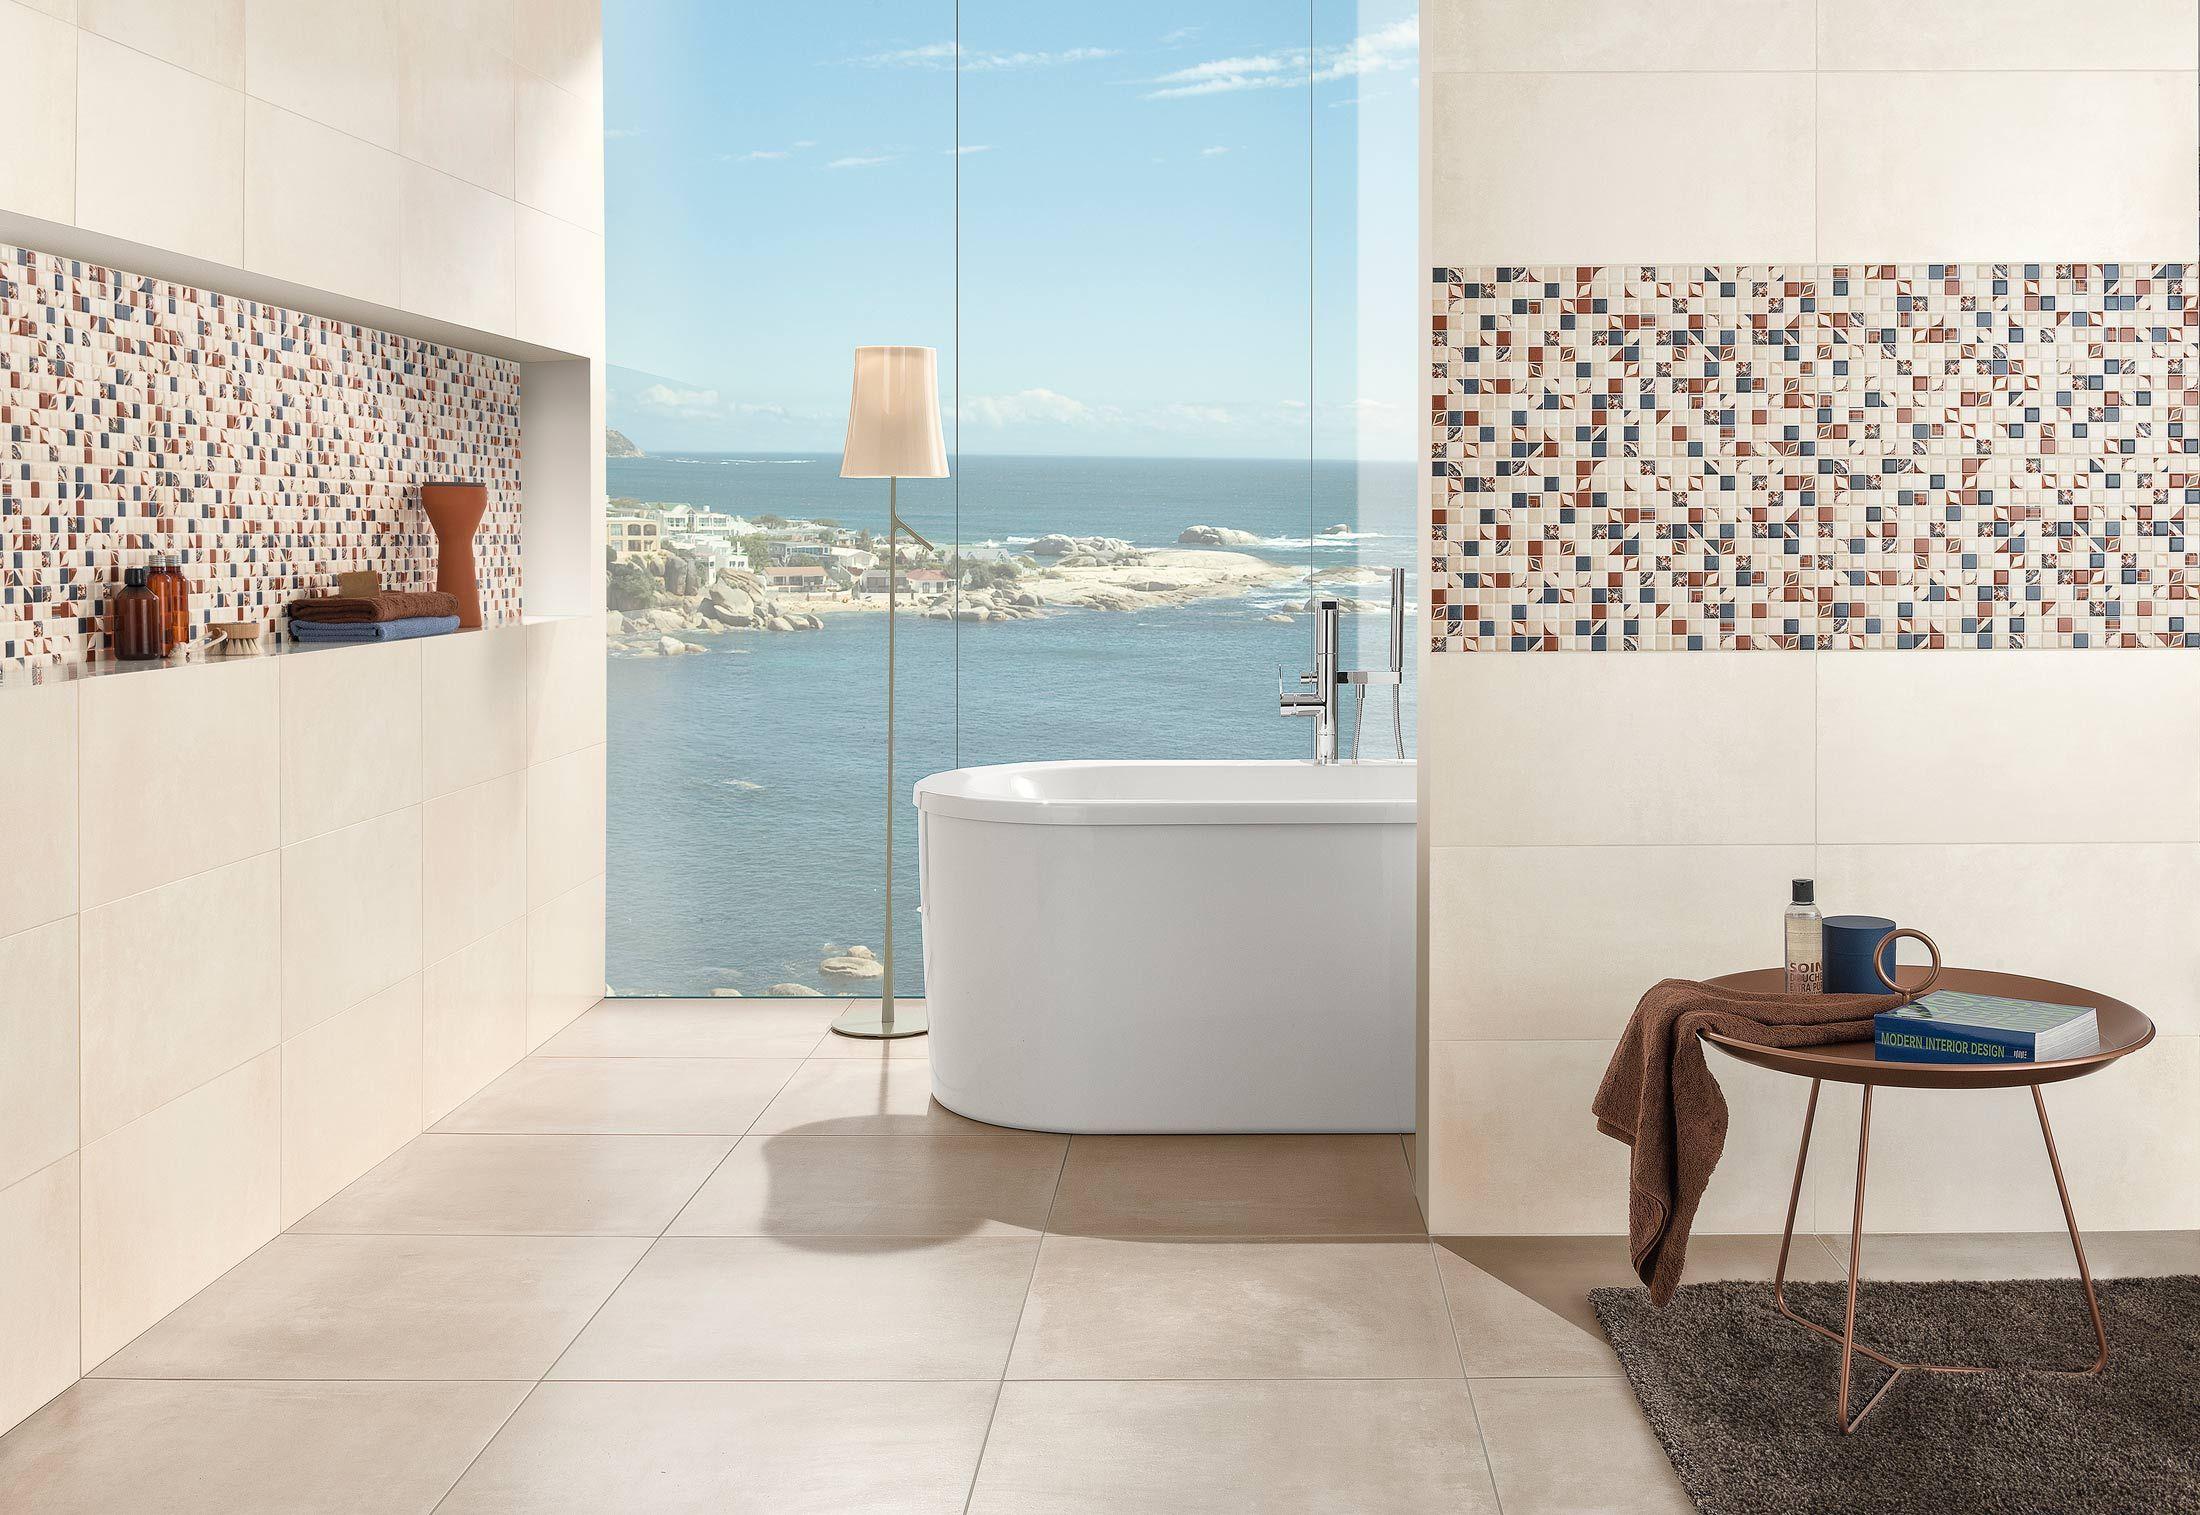 Een geheel betegelde badkamer met uitzicht d.m.v. een afbeelding in glas en verlichting achter de panelen.